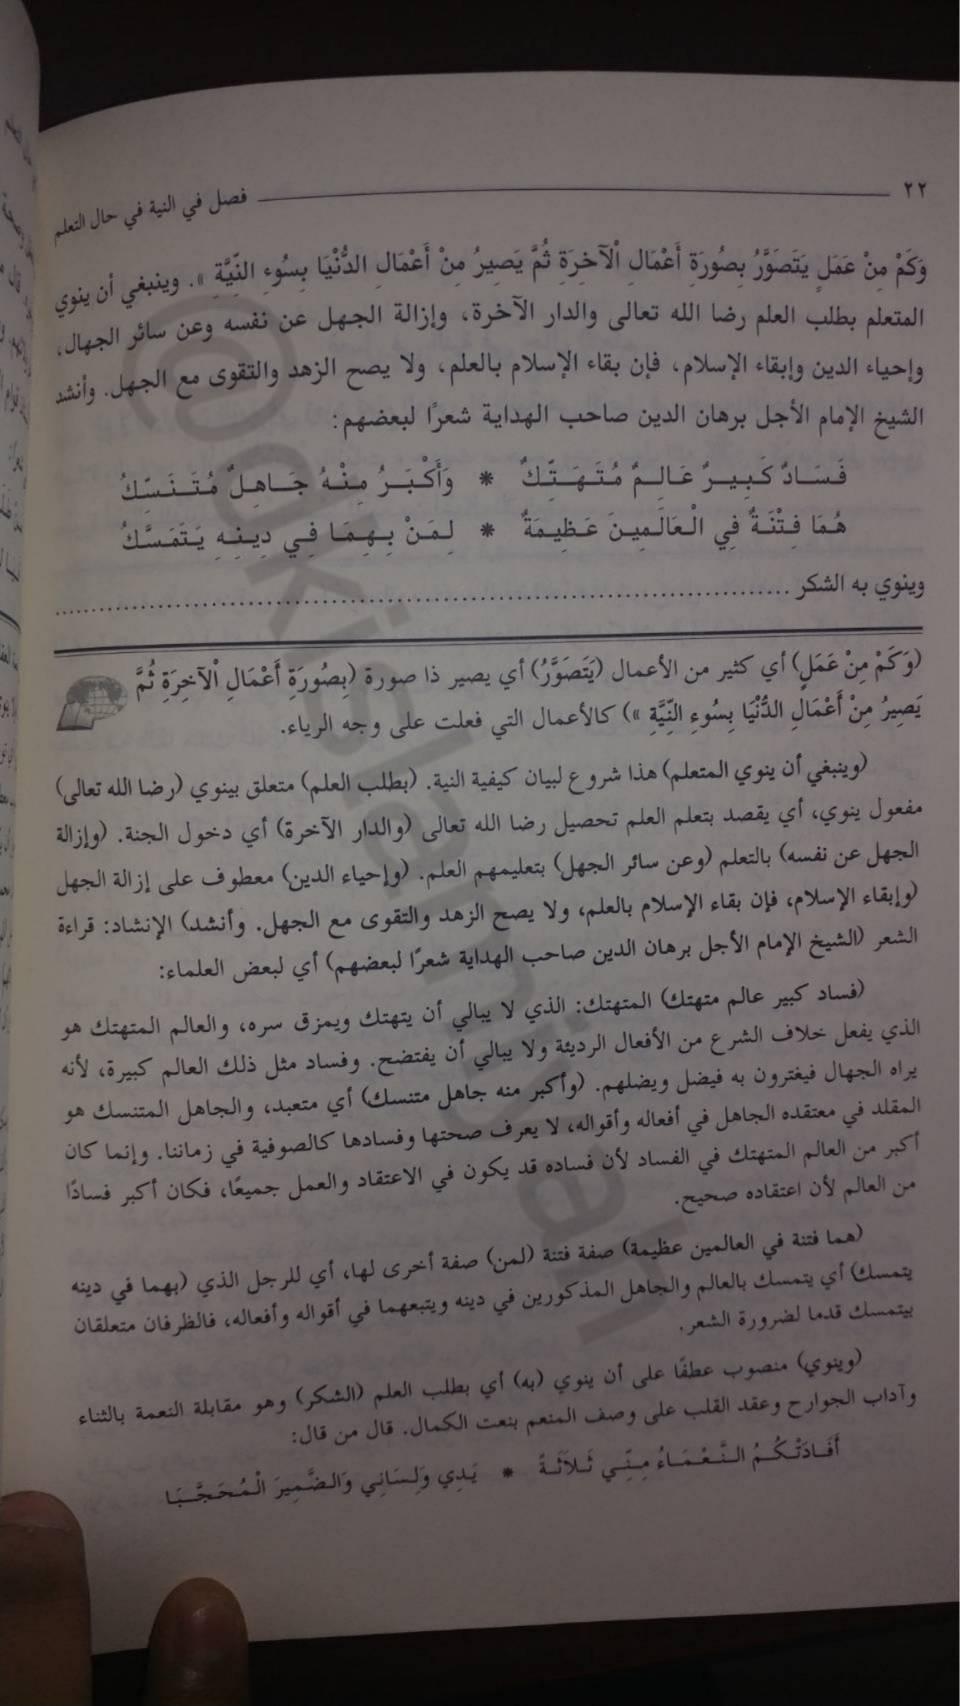 SYARH TA'LIM AL-MUTA'ALLIM